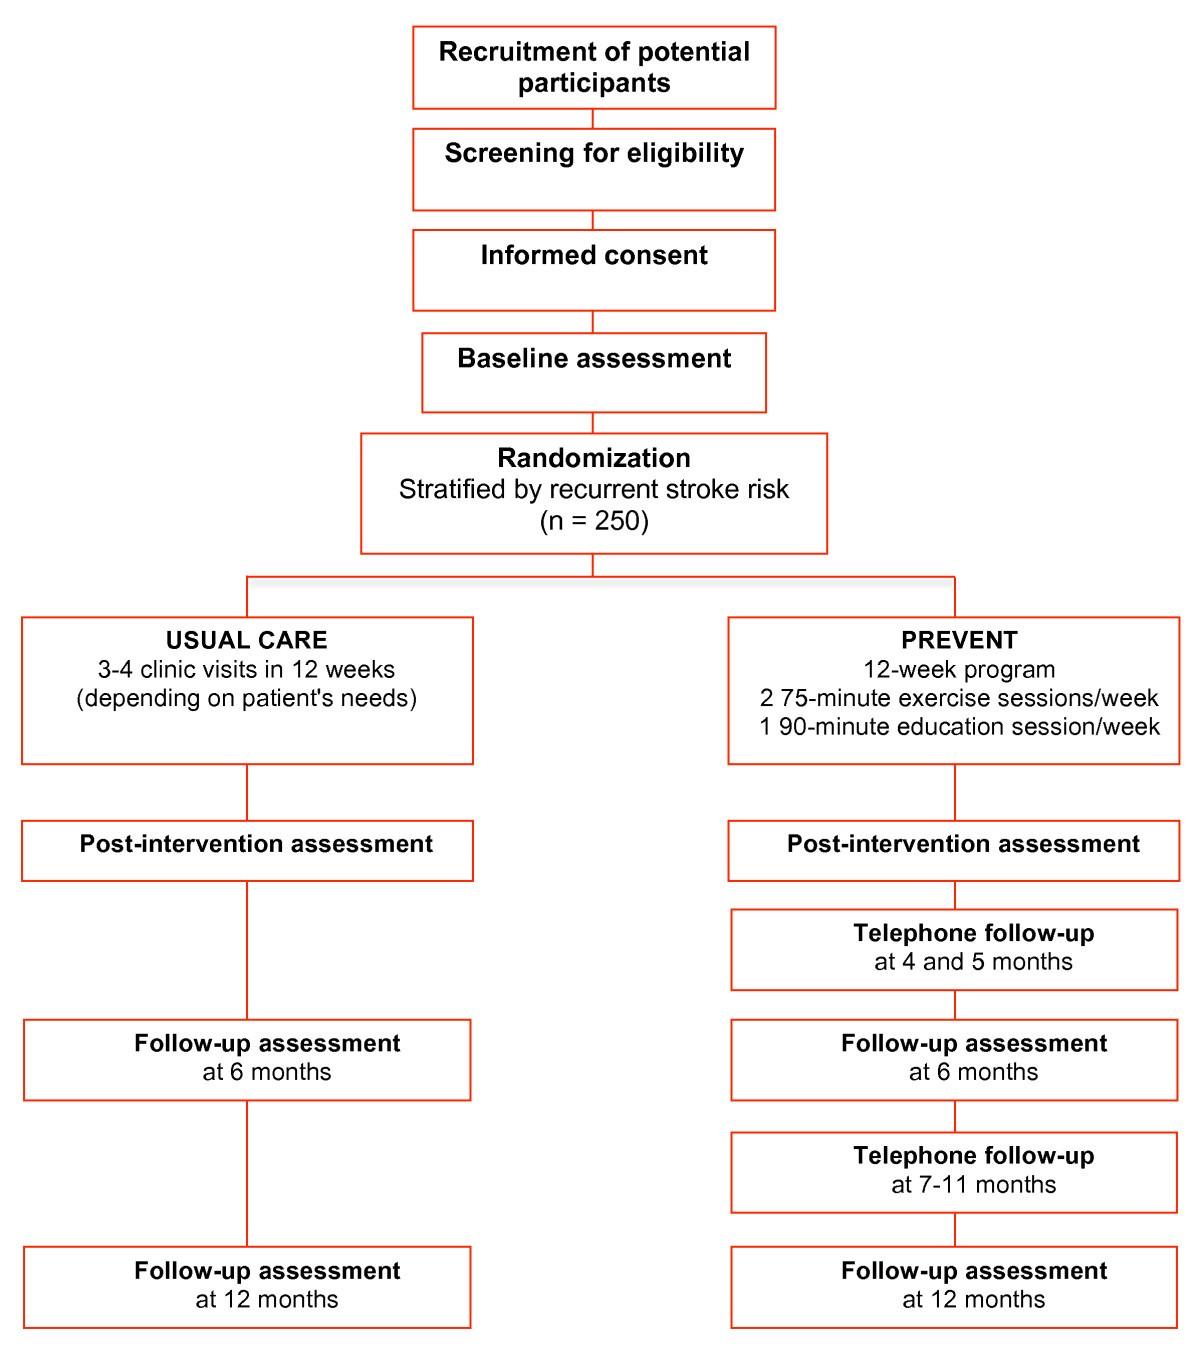 program of rehabilitative exercise and education to avert vascular